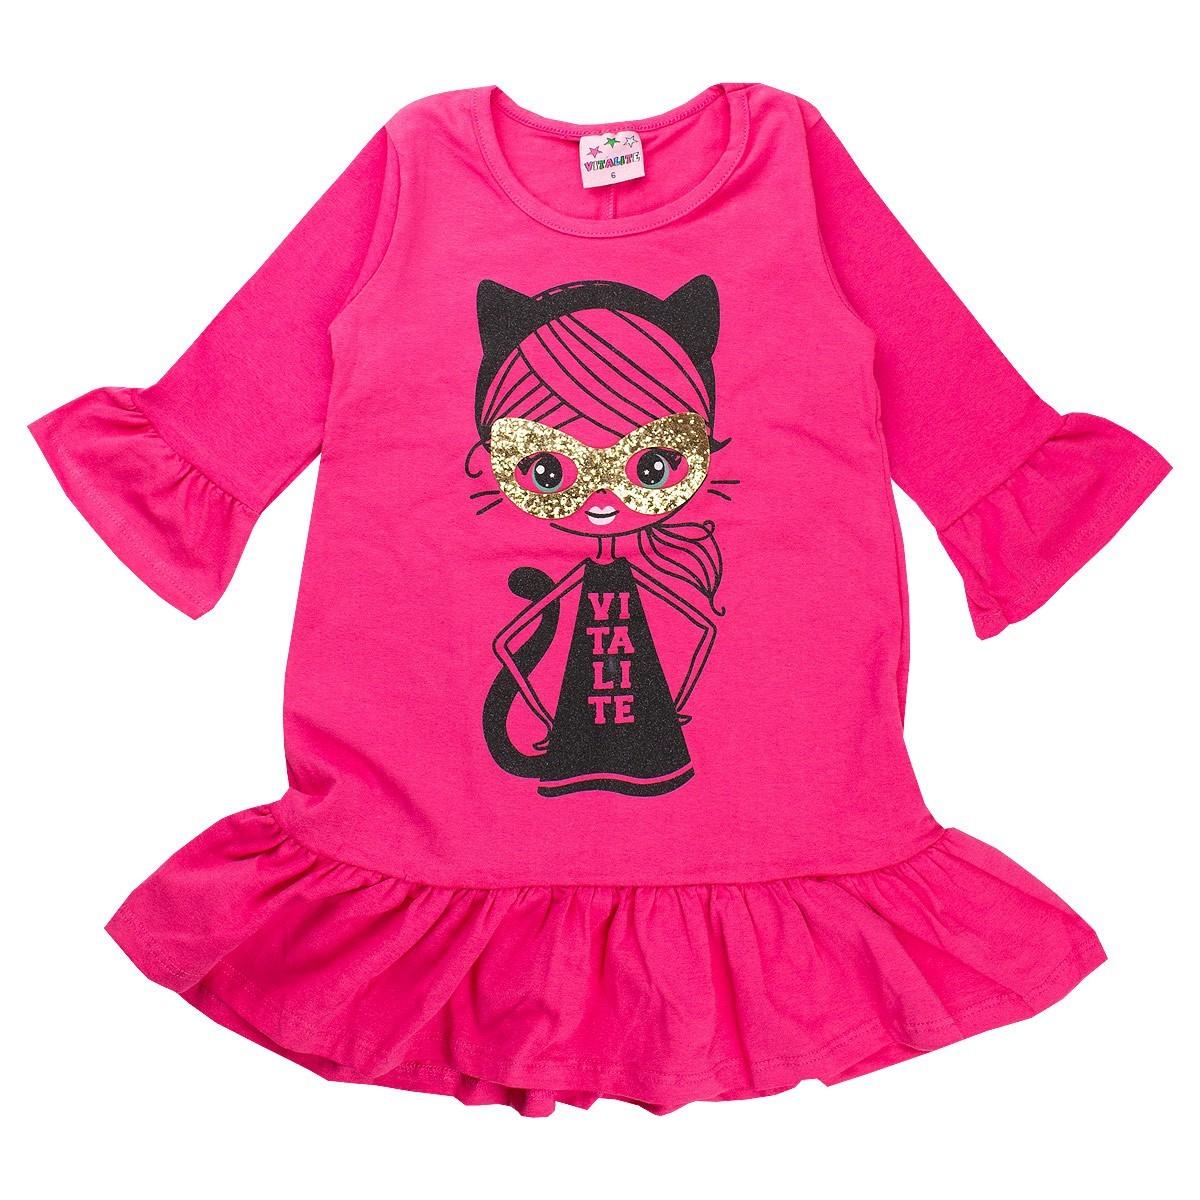 Vestido Silk Boneca com Aplique Máscara Pink - Vitalite